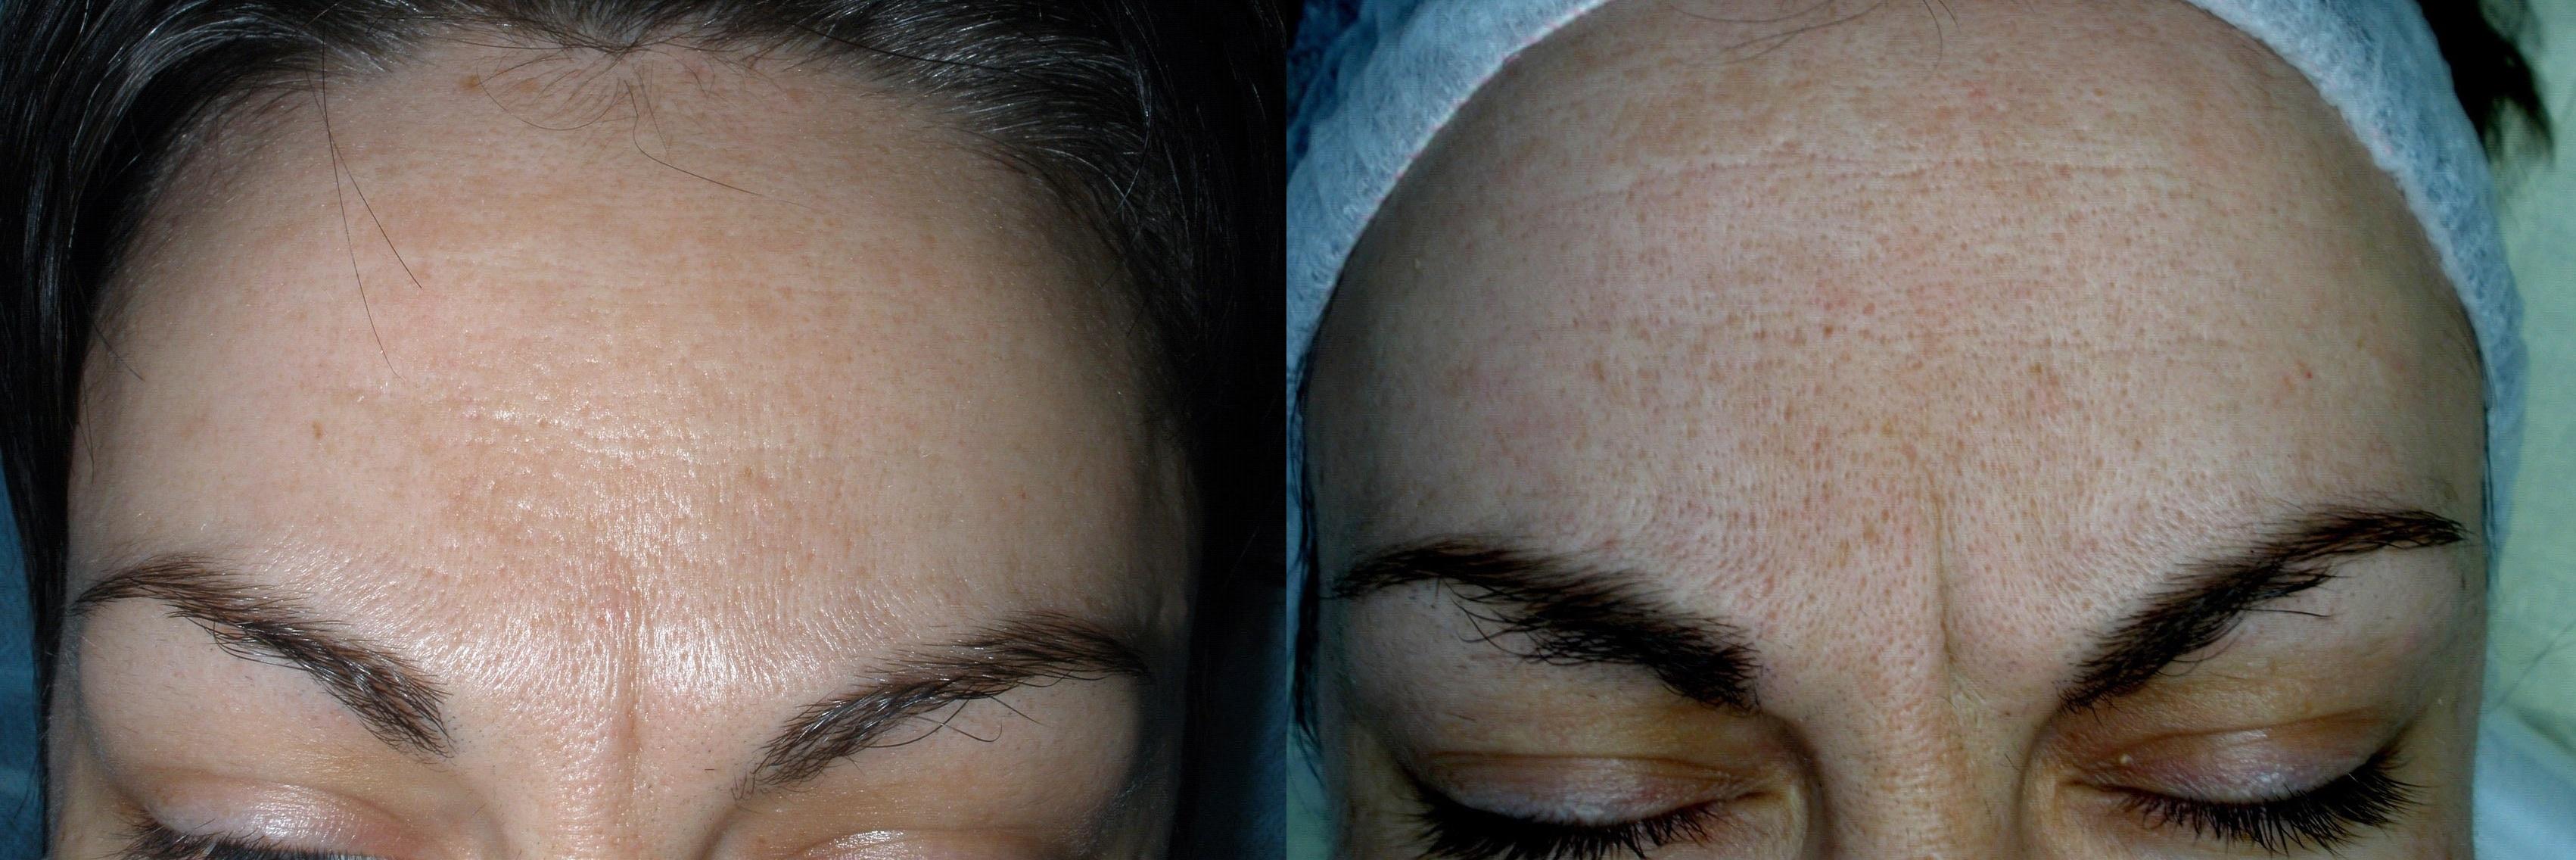 Cicatrice cesarienne et soleil 34 - Dermaroller visage avis ...